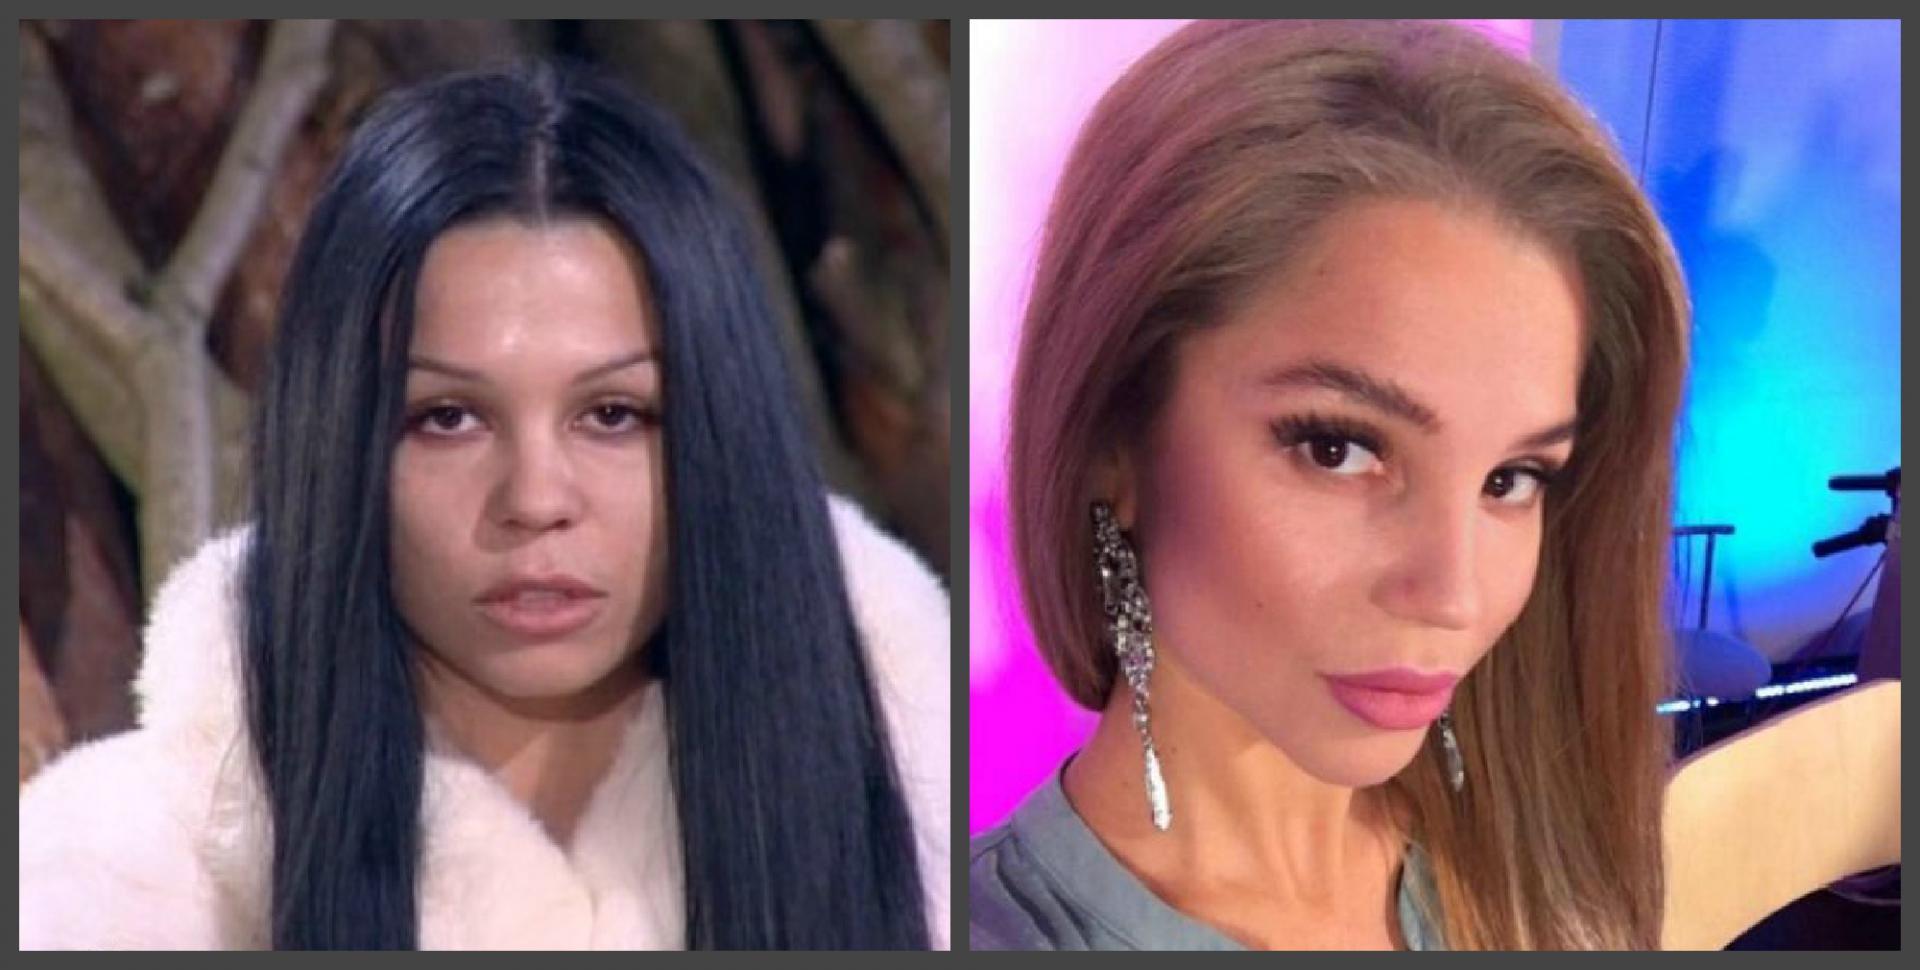 Екатерина колесниченко до и после пластики фото